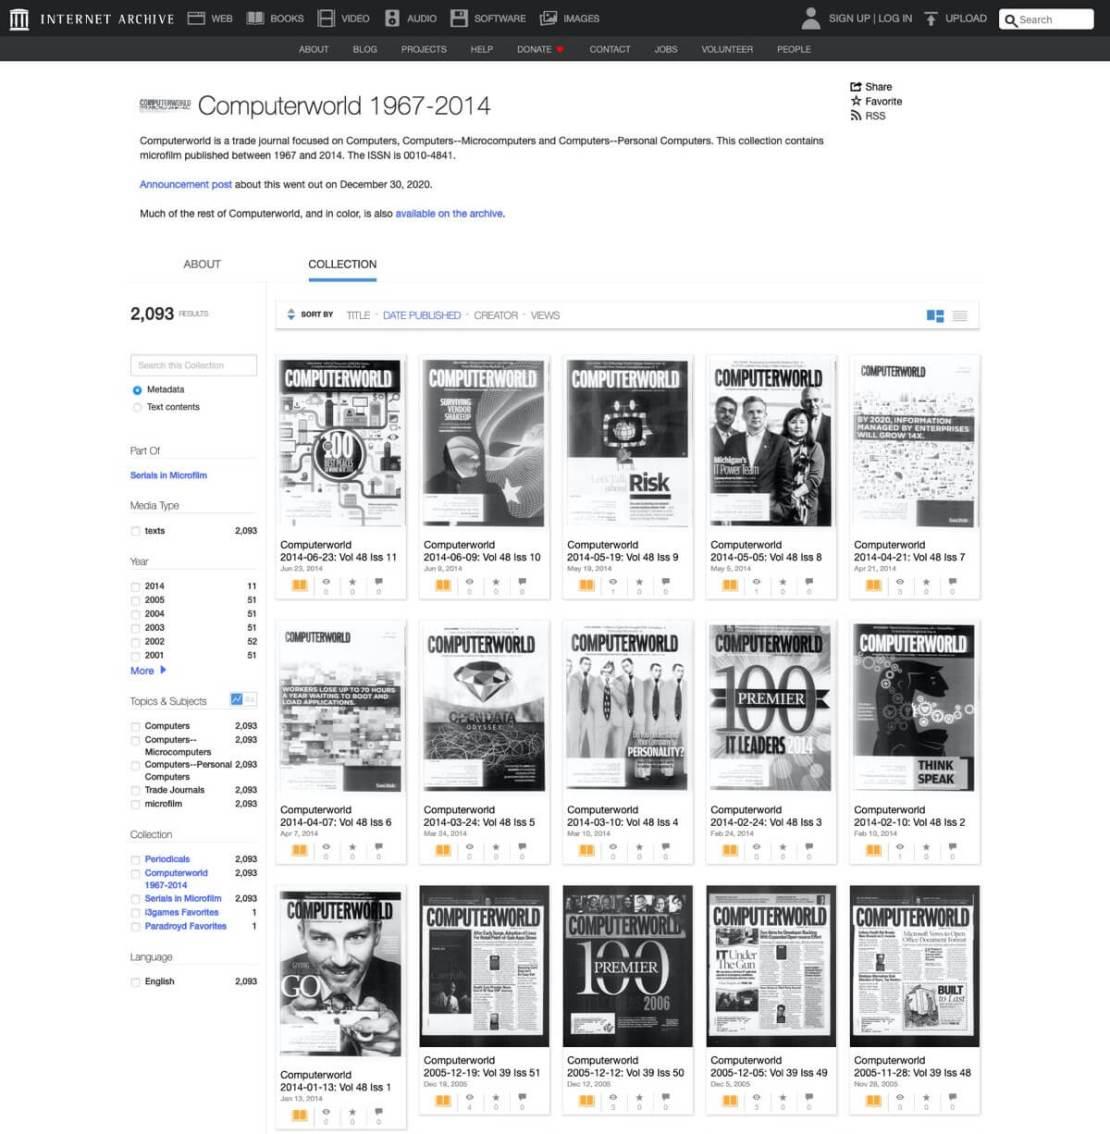 Zrzut ekranu ze strony z archiwum cyfrowych wersji drukowanego magazynu Computerworld z lat 1967-2014